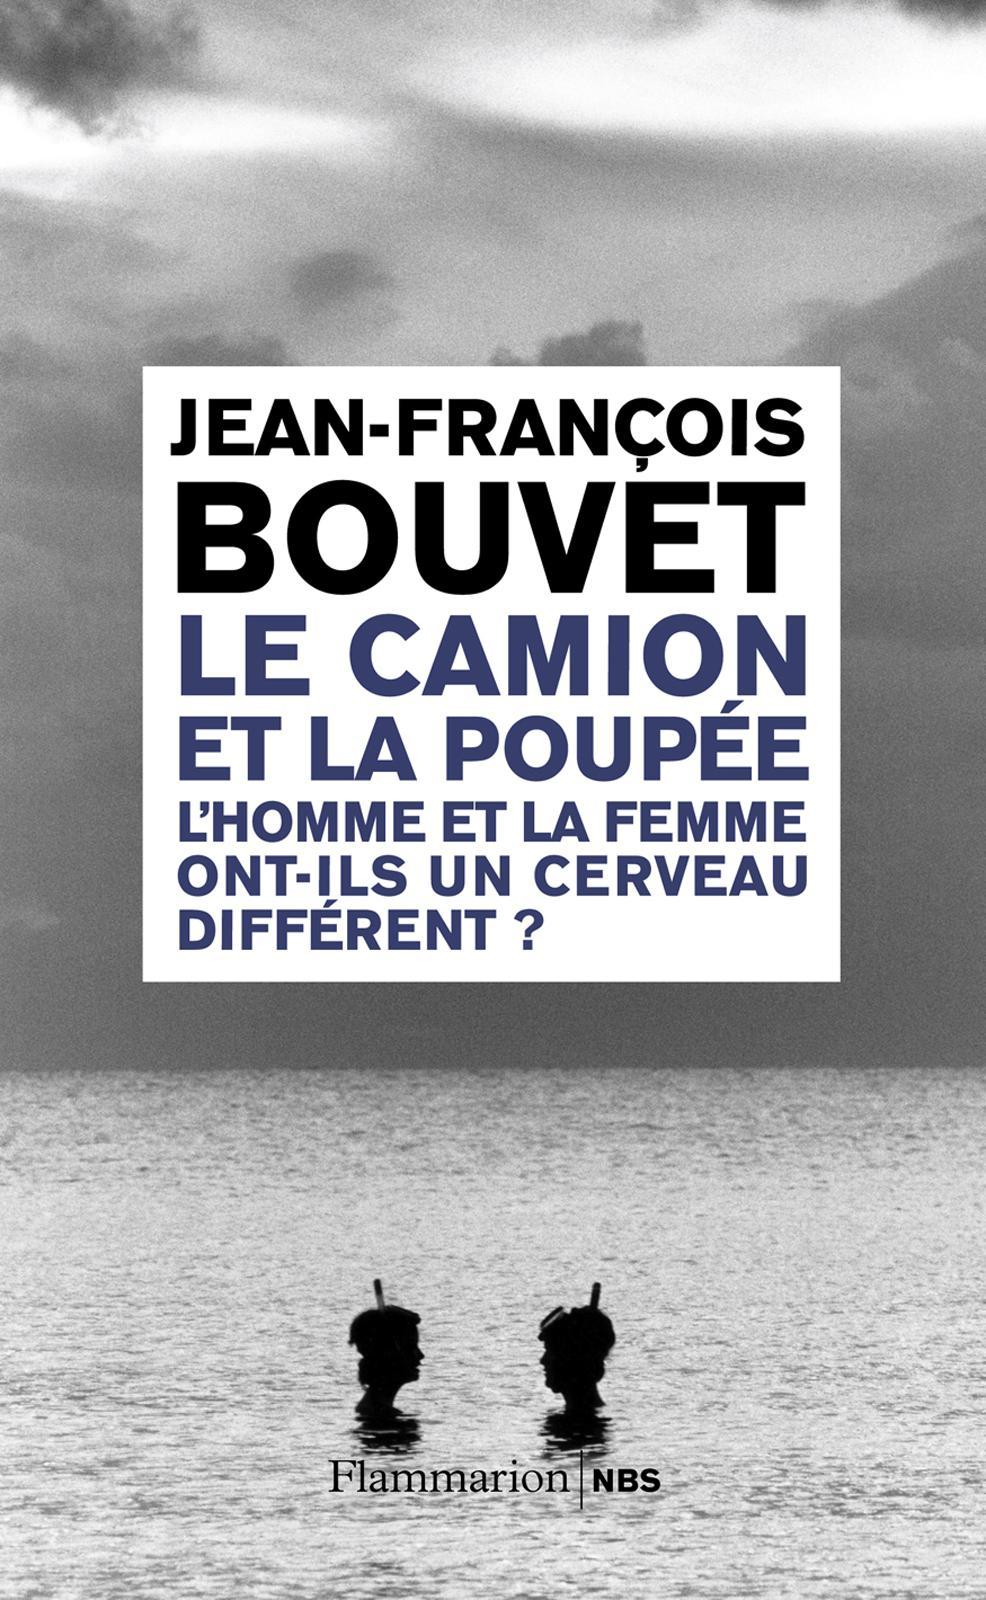 Le camion et la poupée | Bouvet, Jean-François